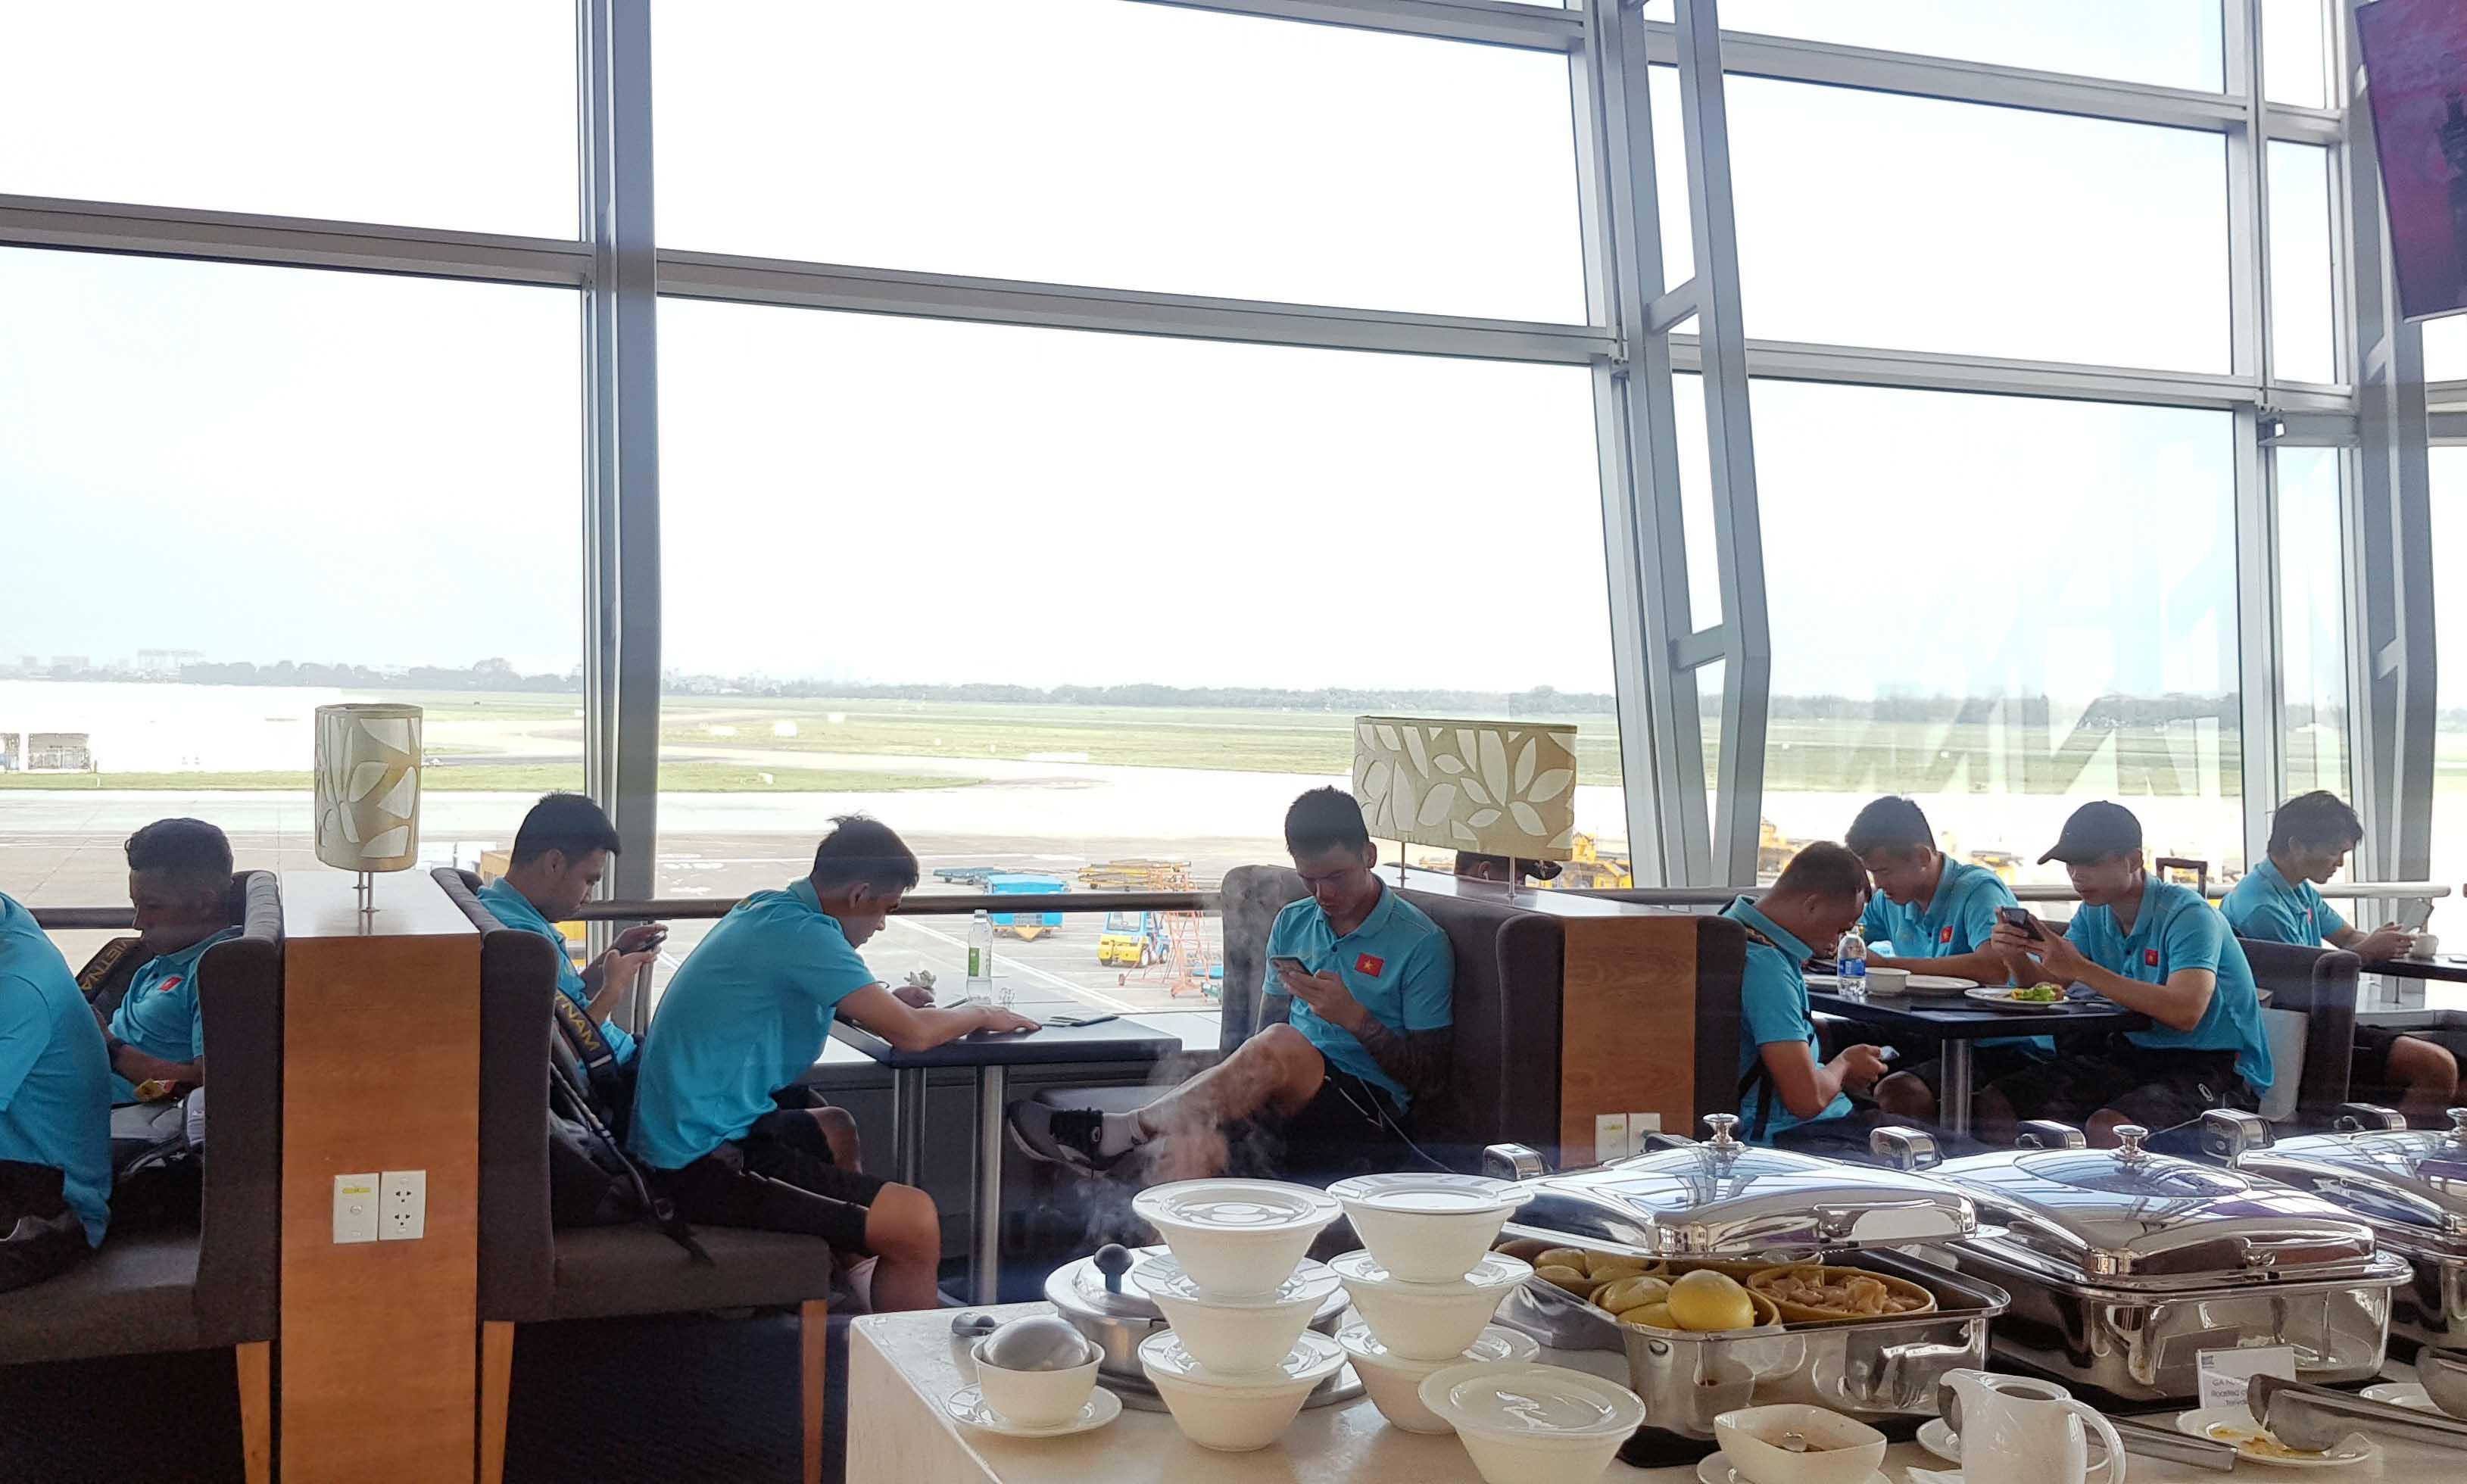 ĐT Việt Nam ổn định nơi ăn nghỉ tại Bali, sẵn sàng cho thử thách mới